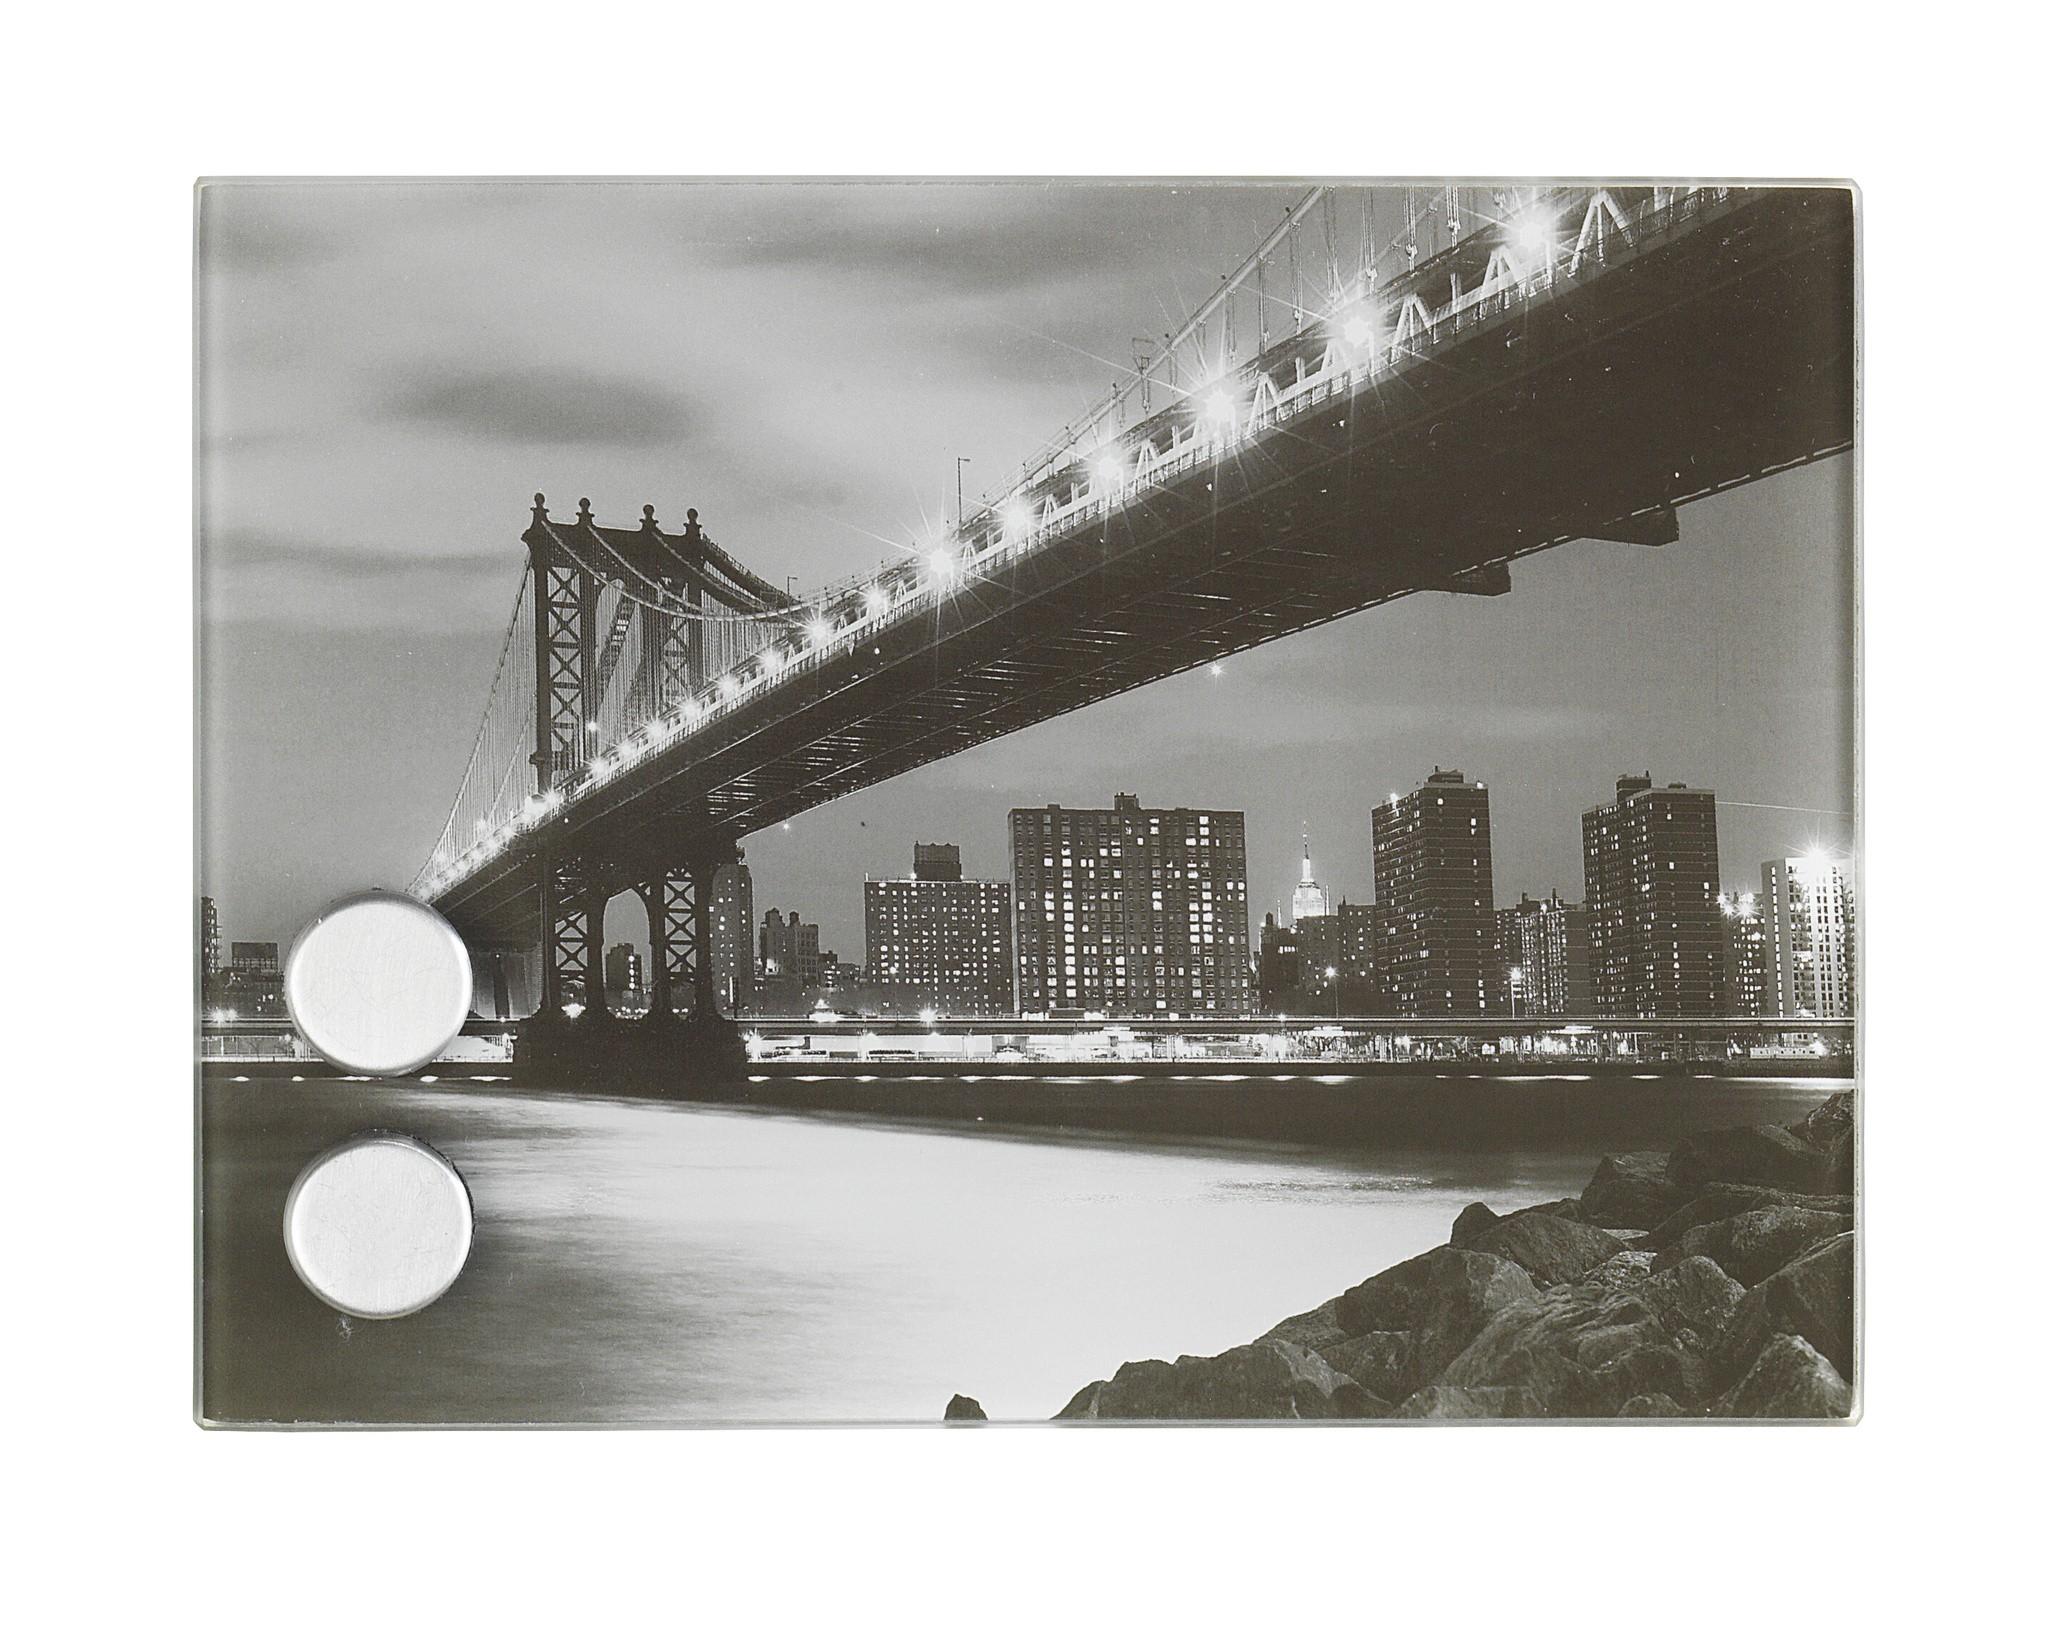 Wenko Schlüsselkasten Manhattan Bridge, magnetisch, 20 x 15 cm